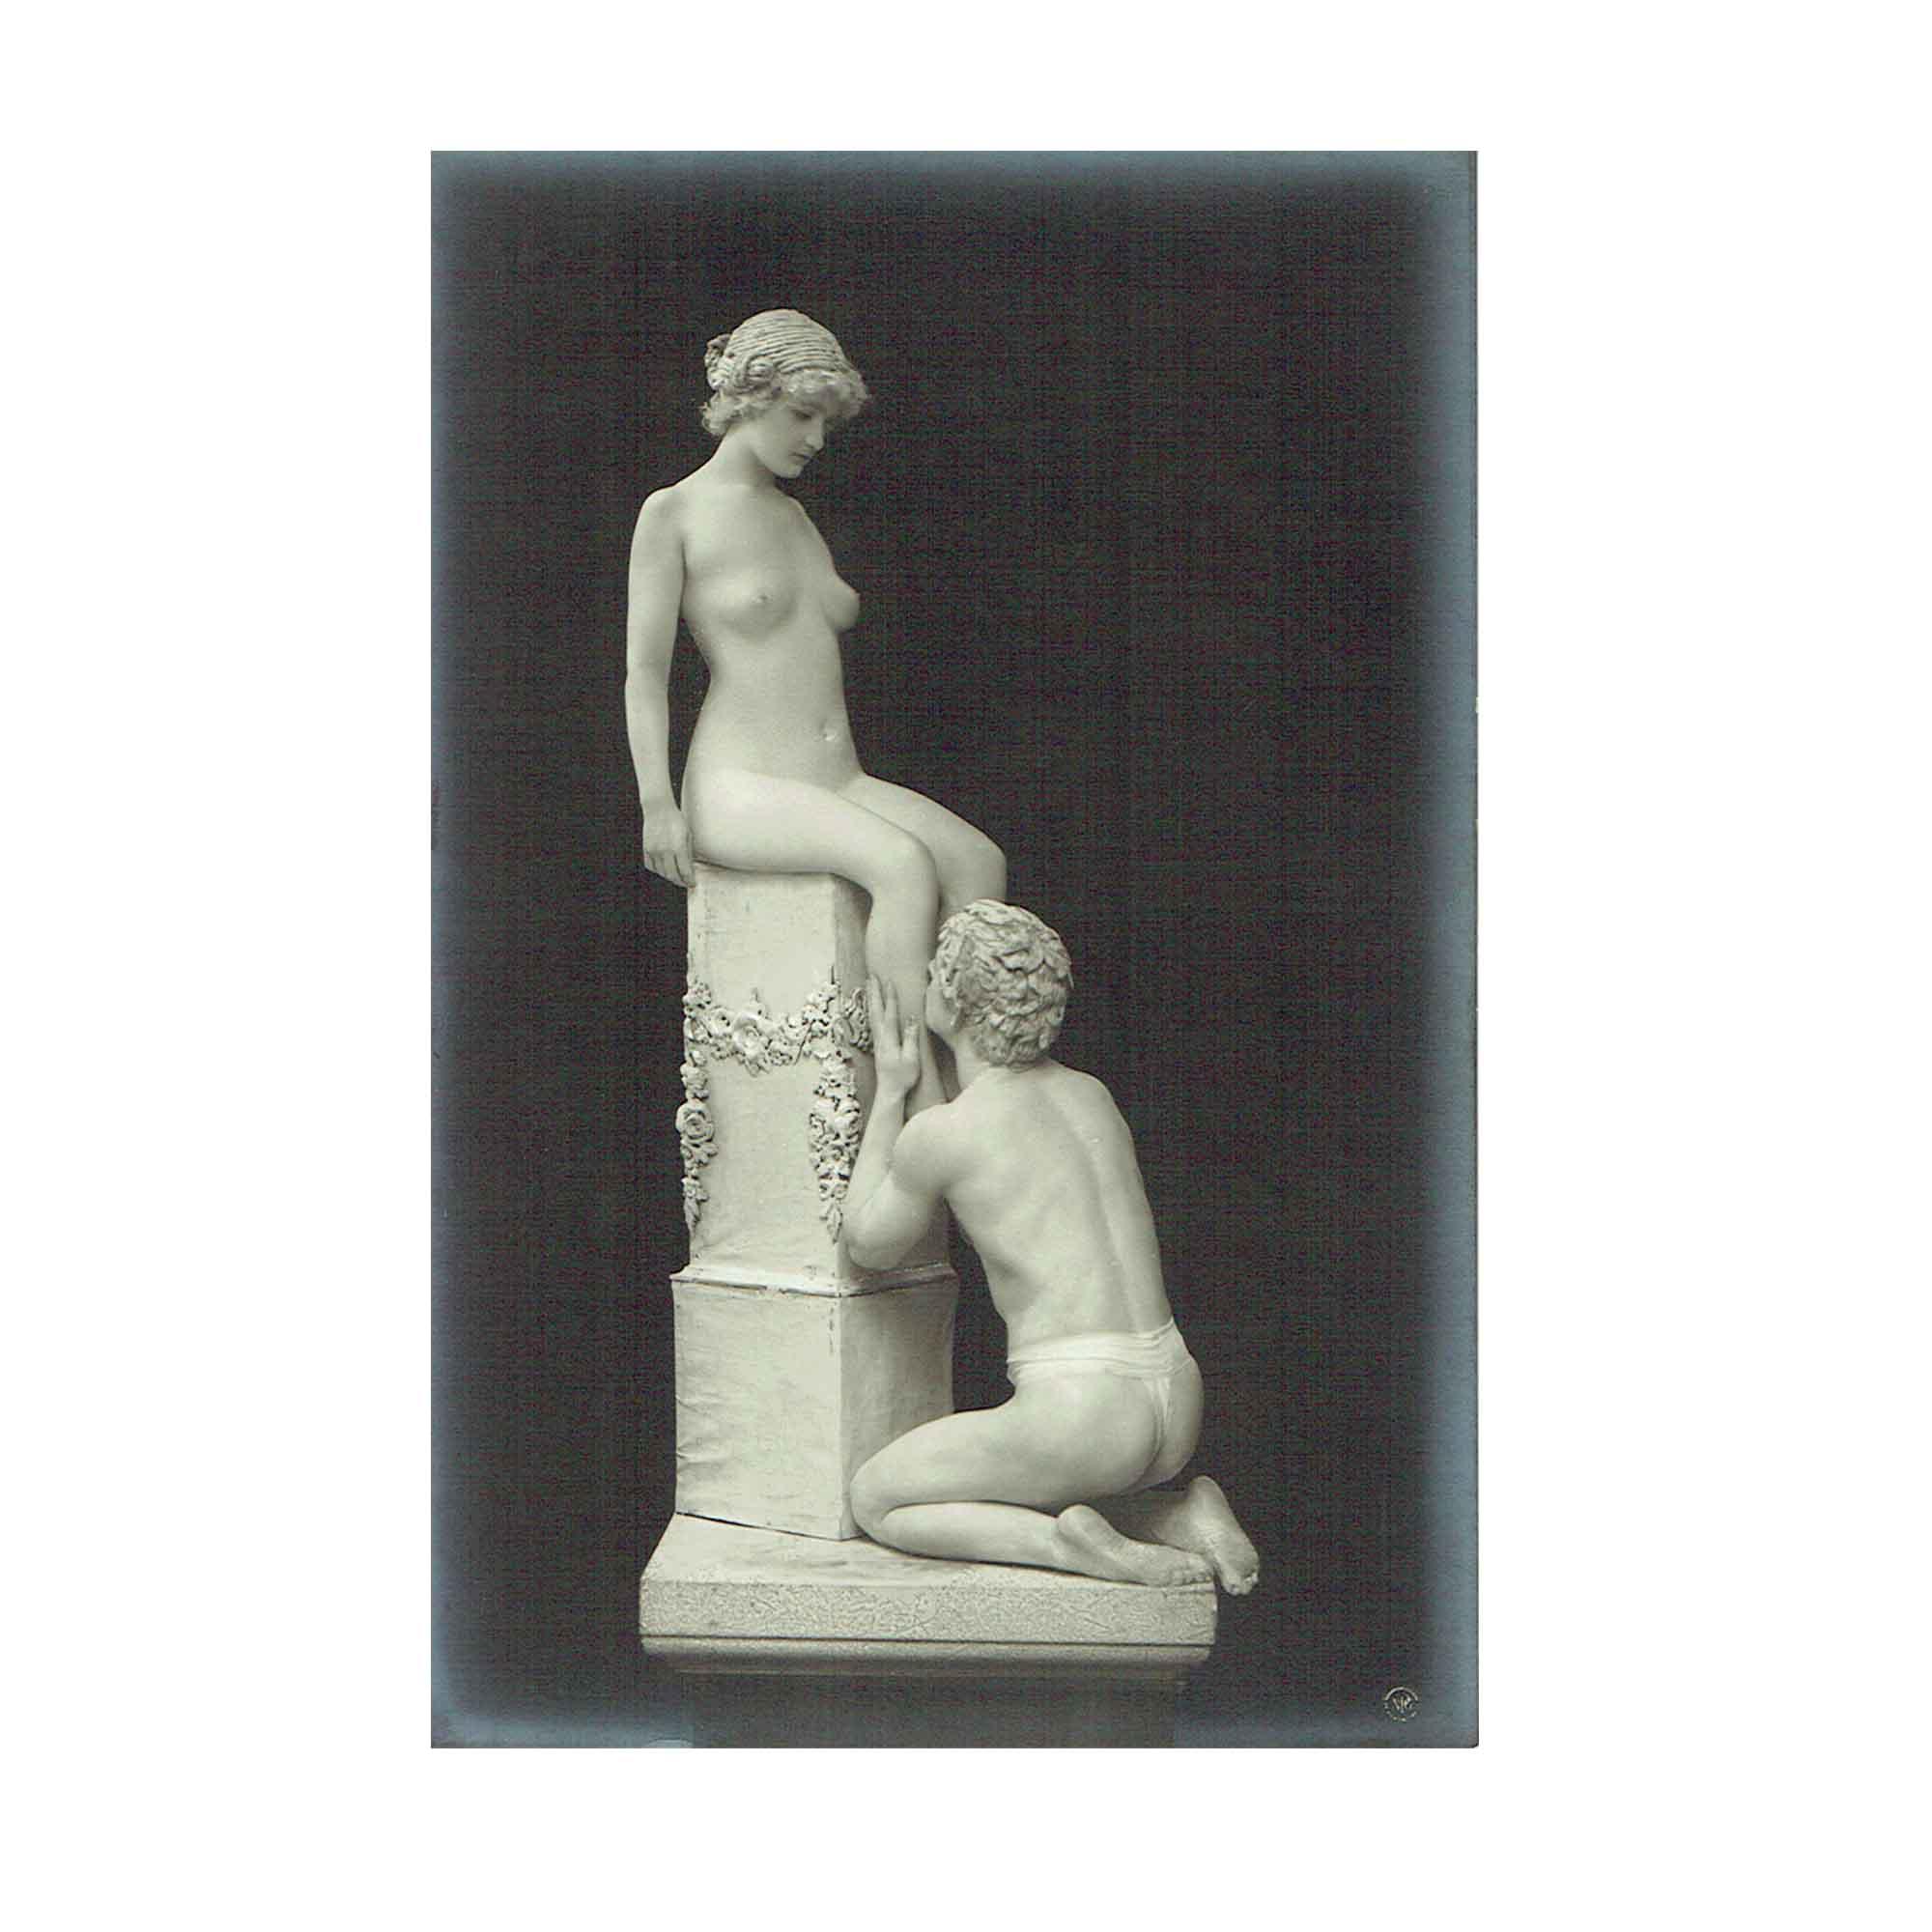 5369-Desmond-Marmor-Bildwerke-1909-1-N.jpg